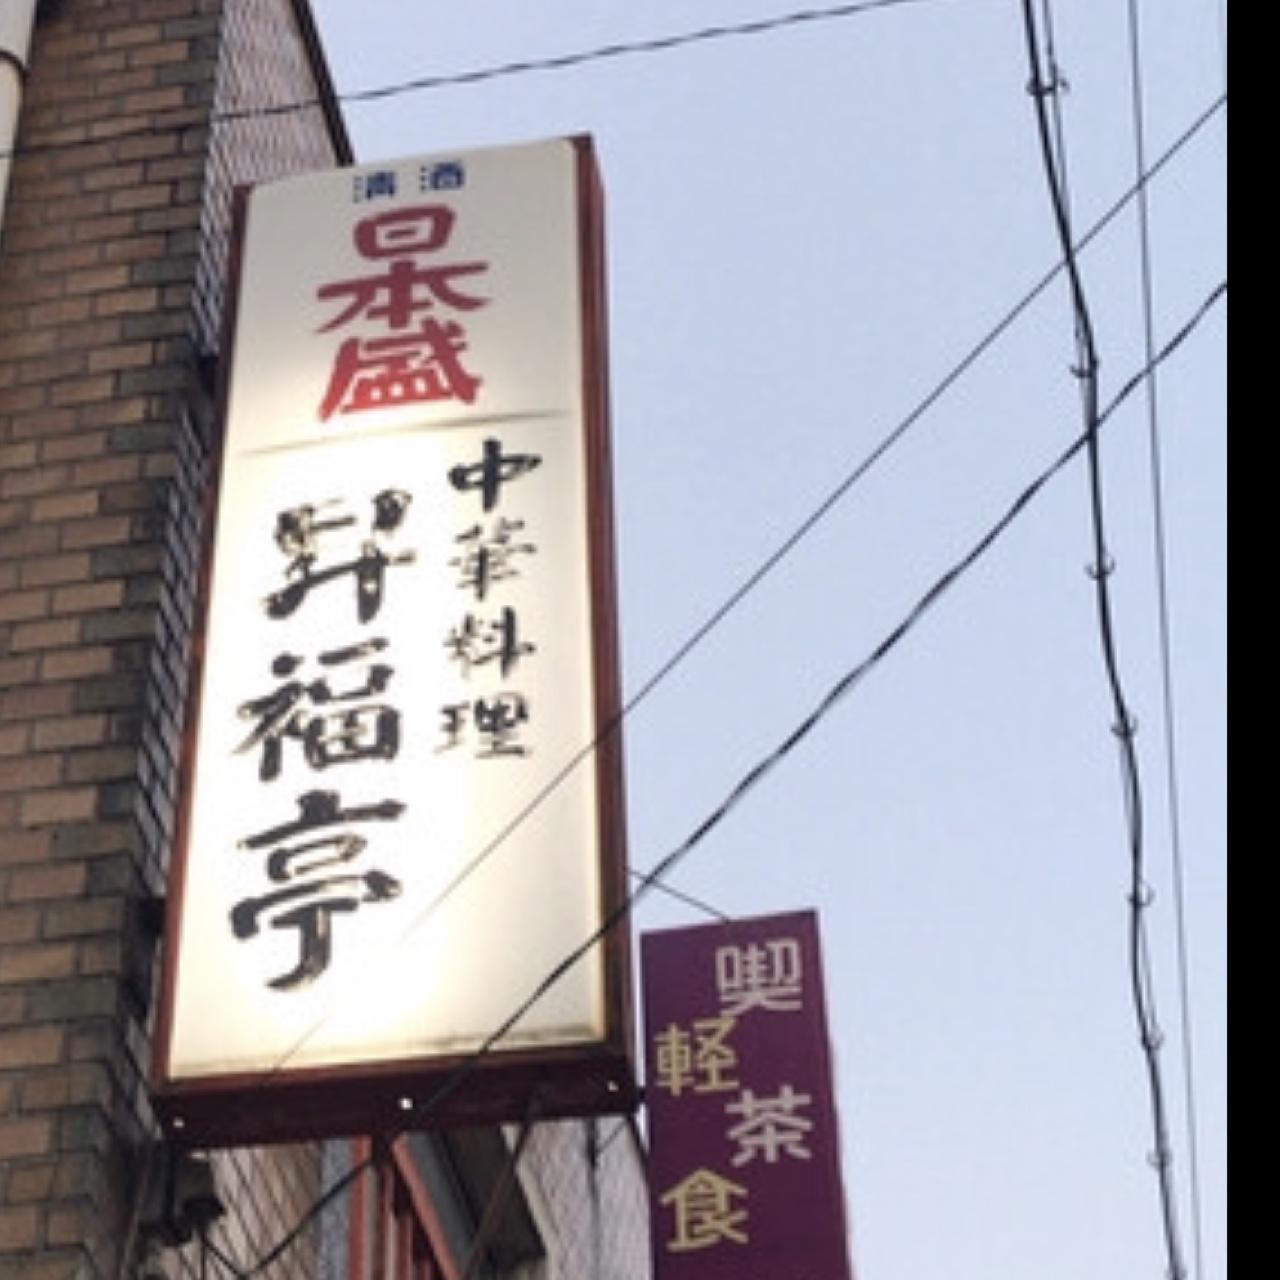 昇福亭 しょうふくてい>